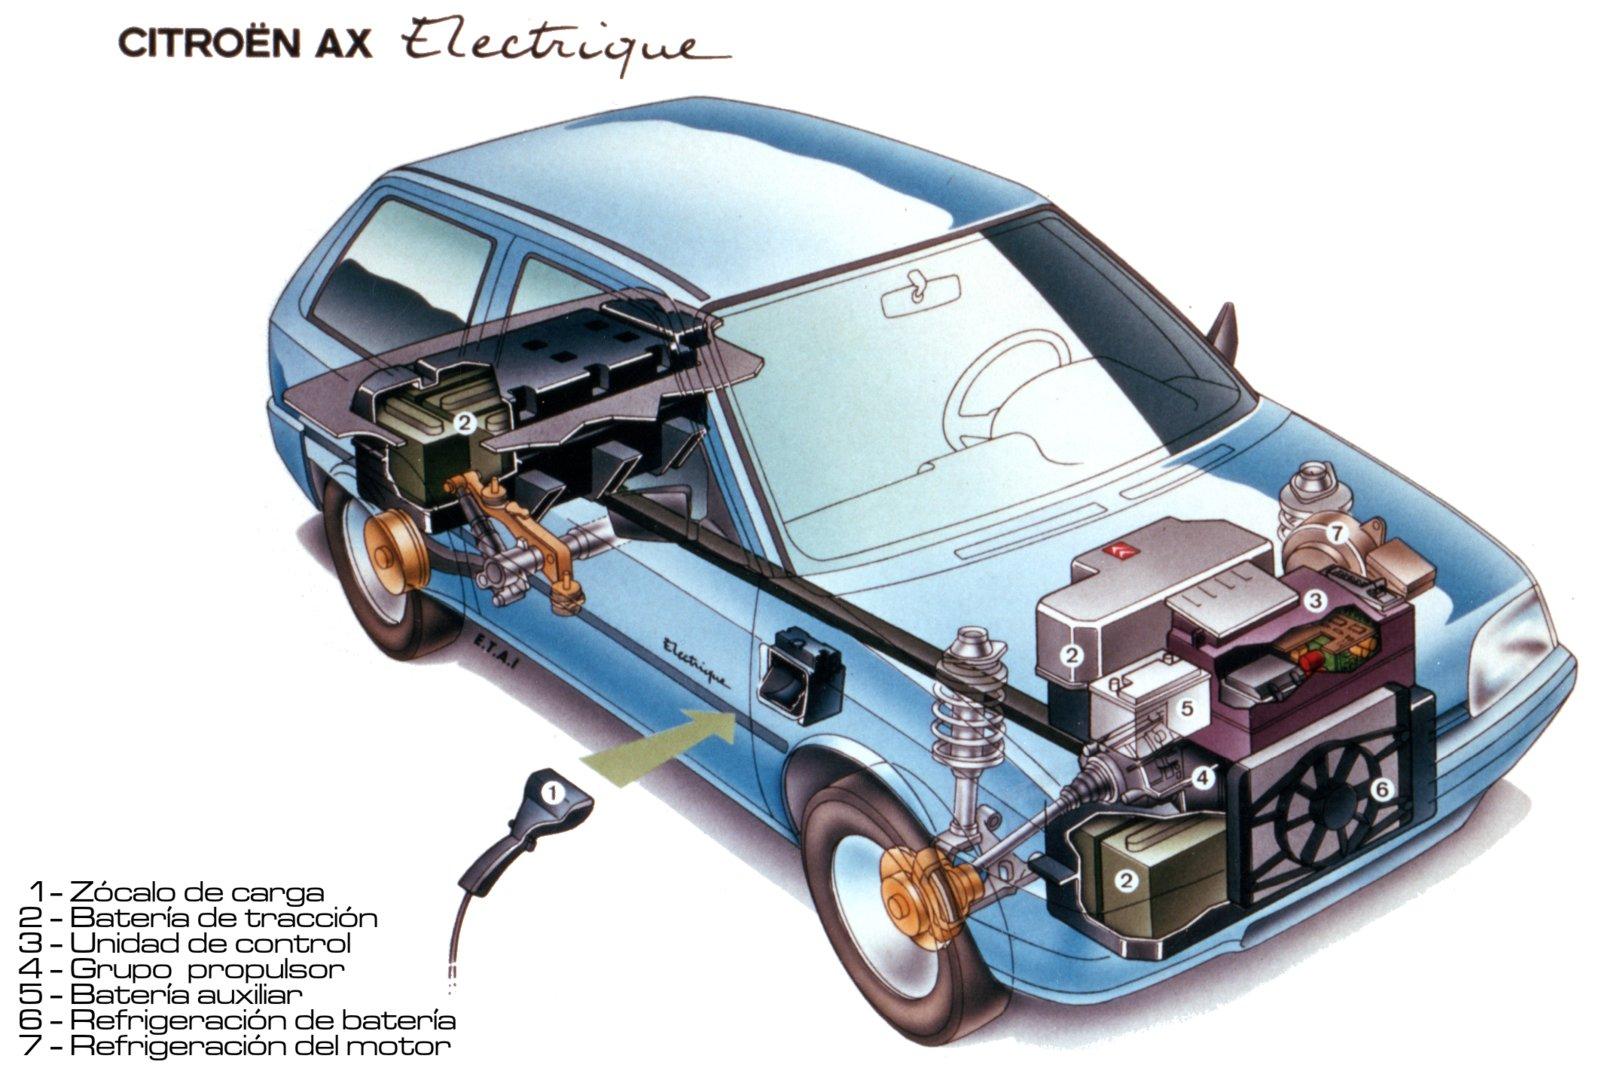 Citroen AX Electrique 4